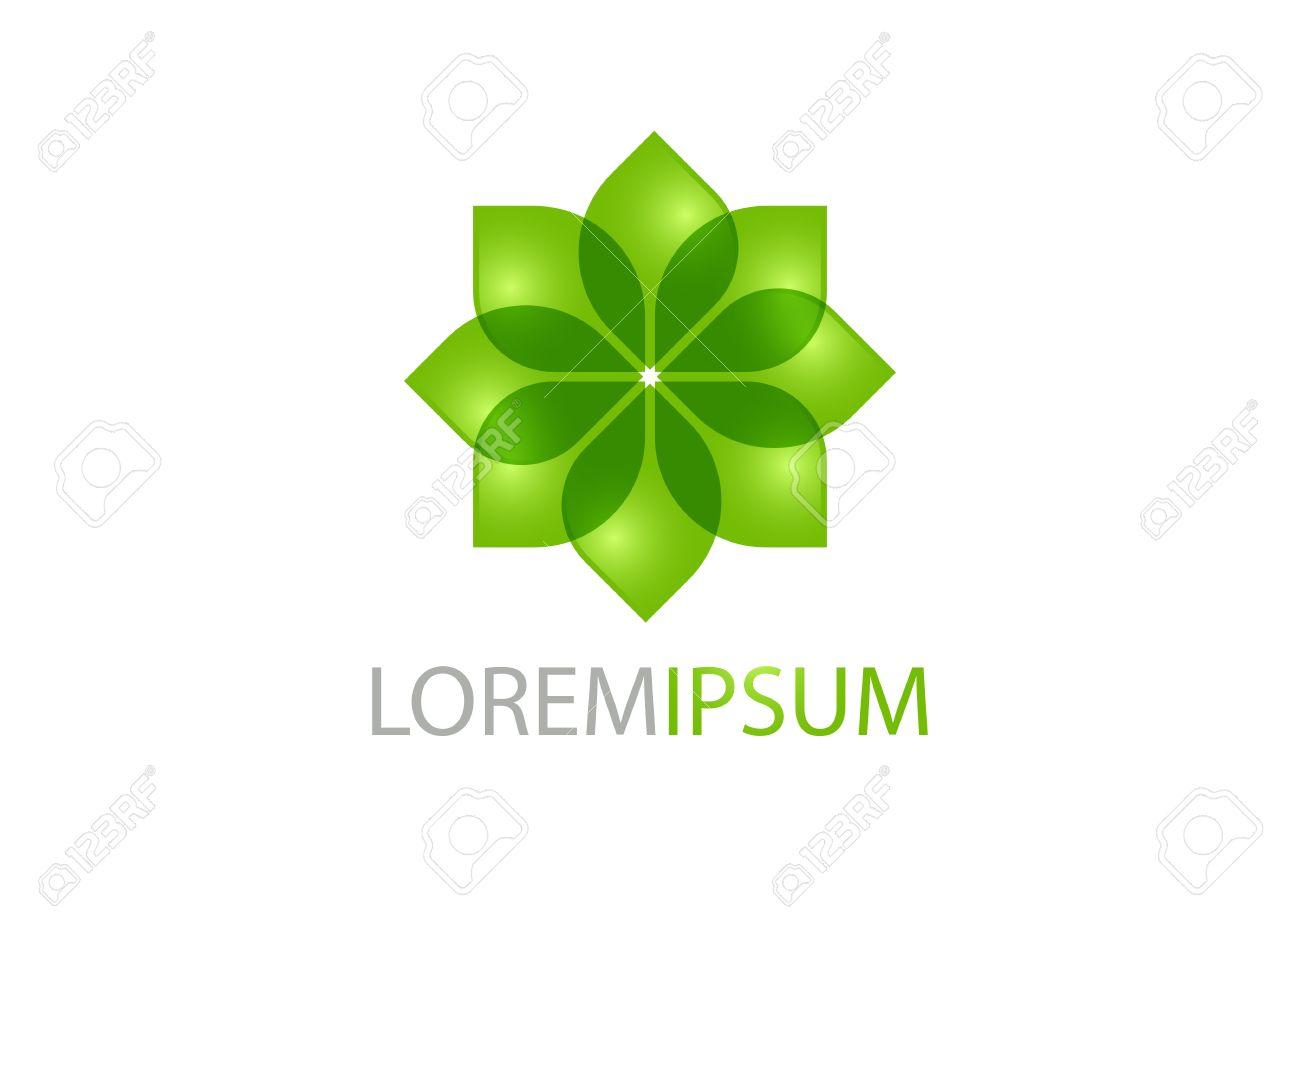 Diseño De Logotipo Con La Flor Verde. Puede Ser Utilizado Para ...